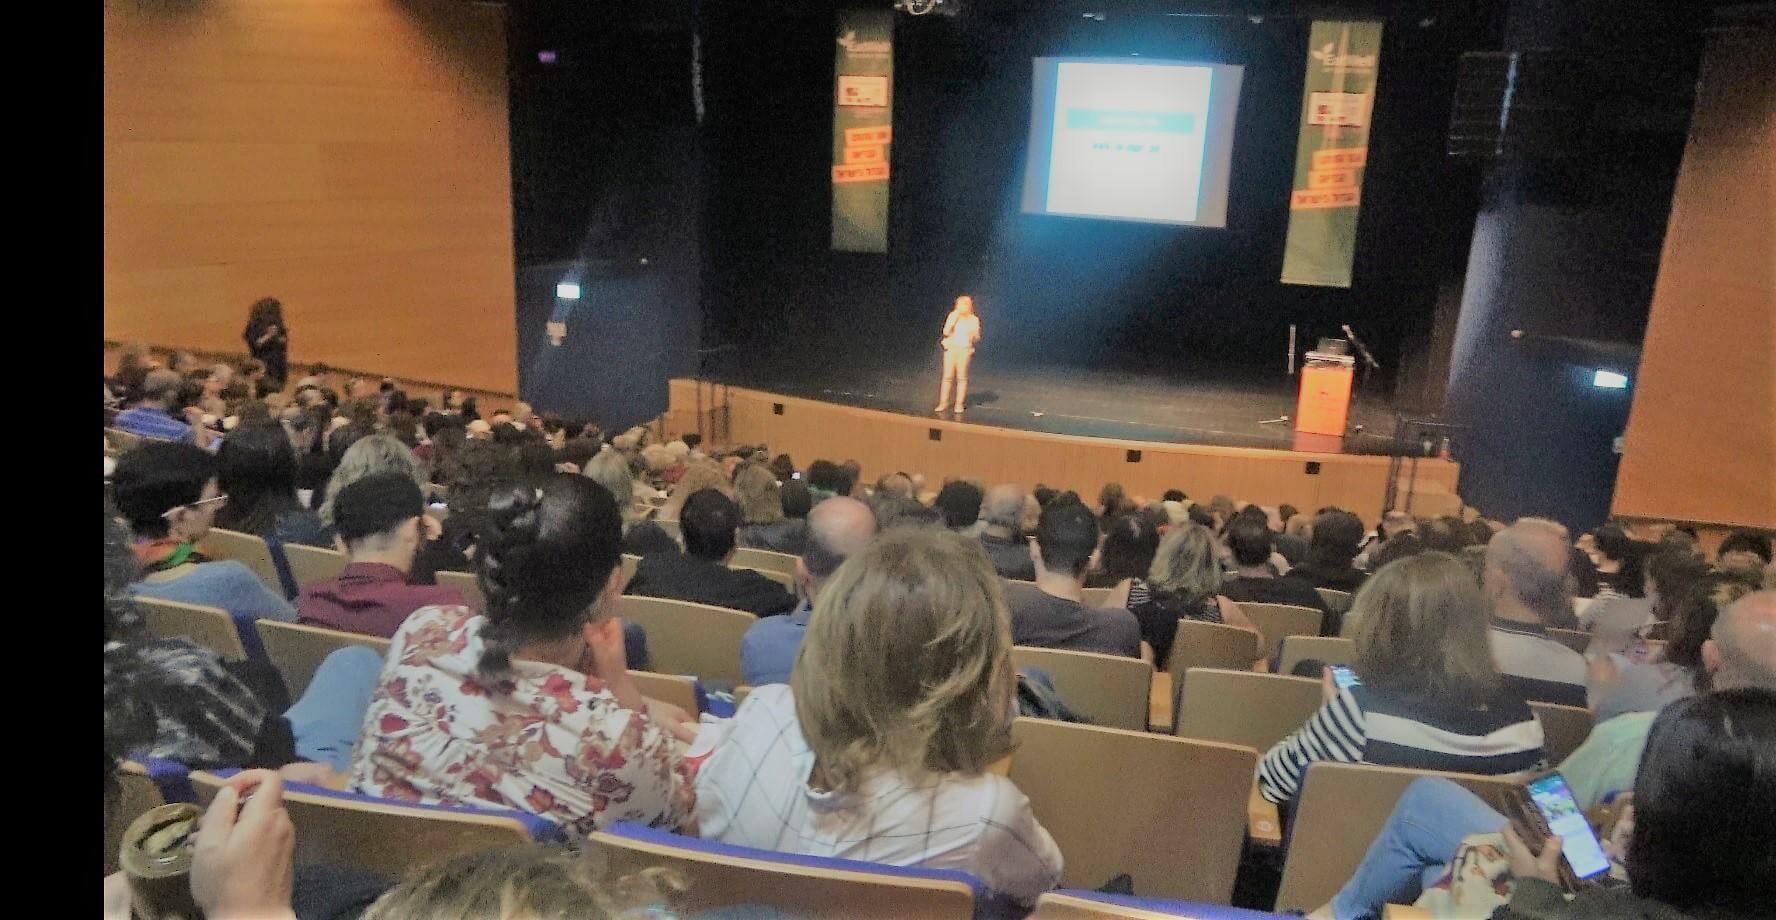 טלי אנגור   הרצאה בכנס 'רפואה פונקציונלית'